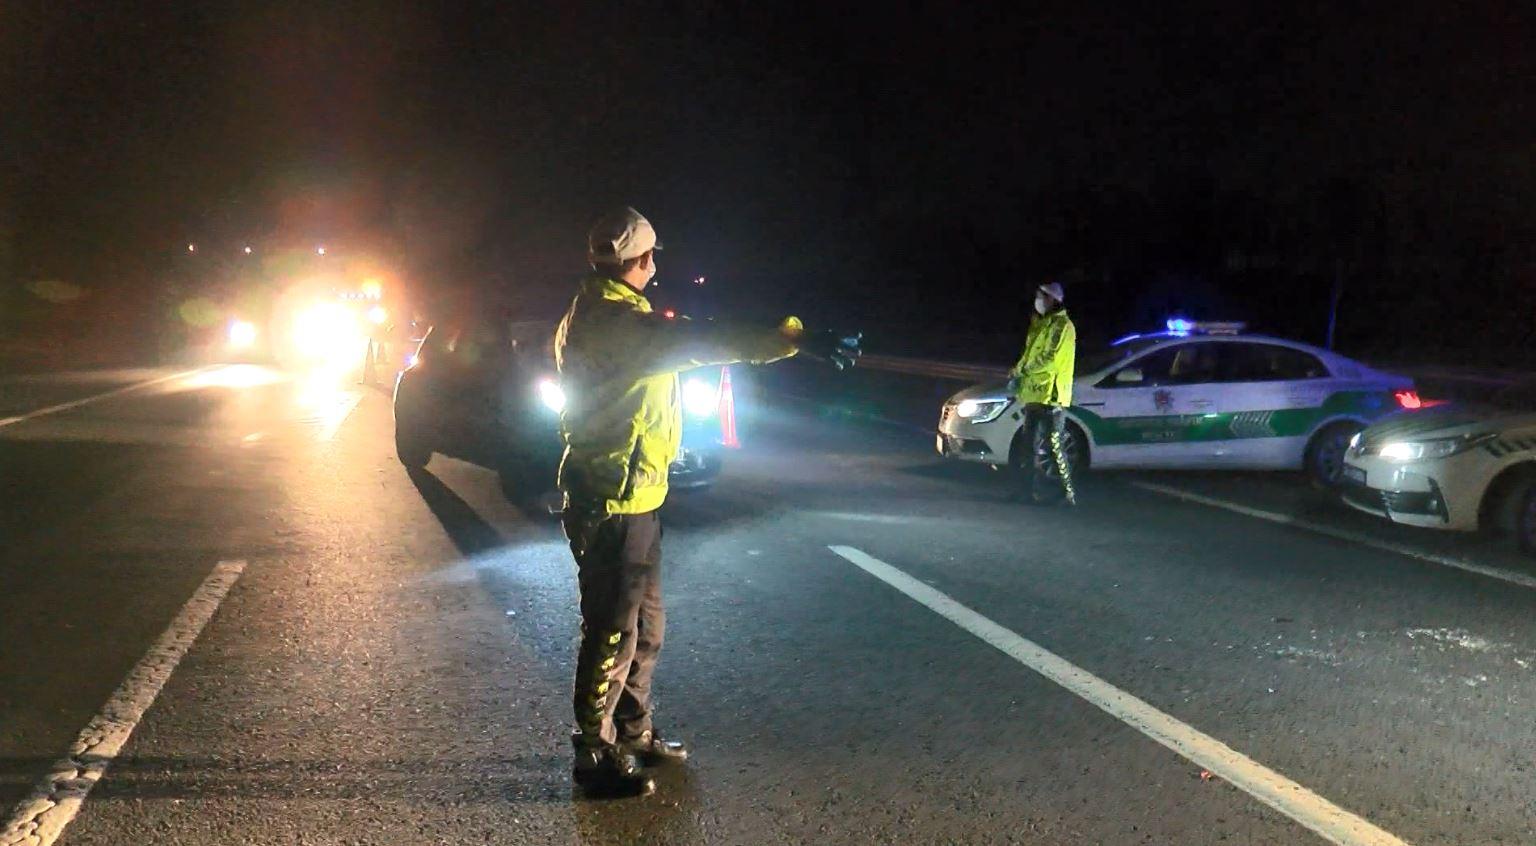 İstanbul'a araç giriş-çıkışı durduruldu, izinsiz araçlara ceza kesildi